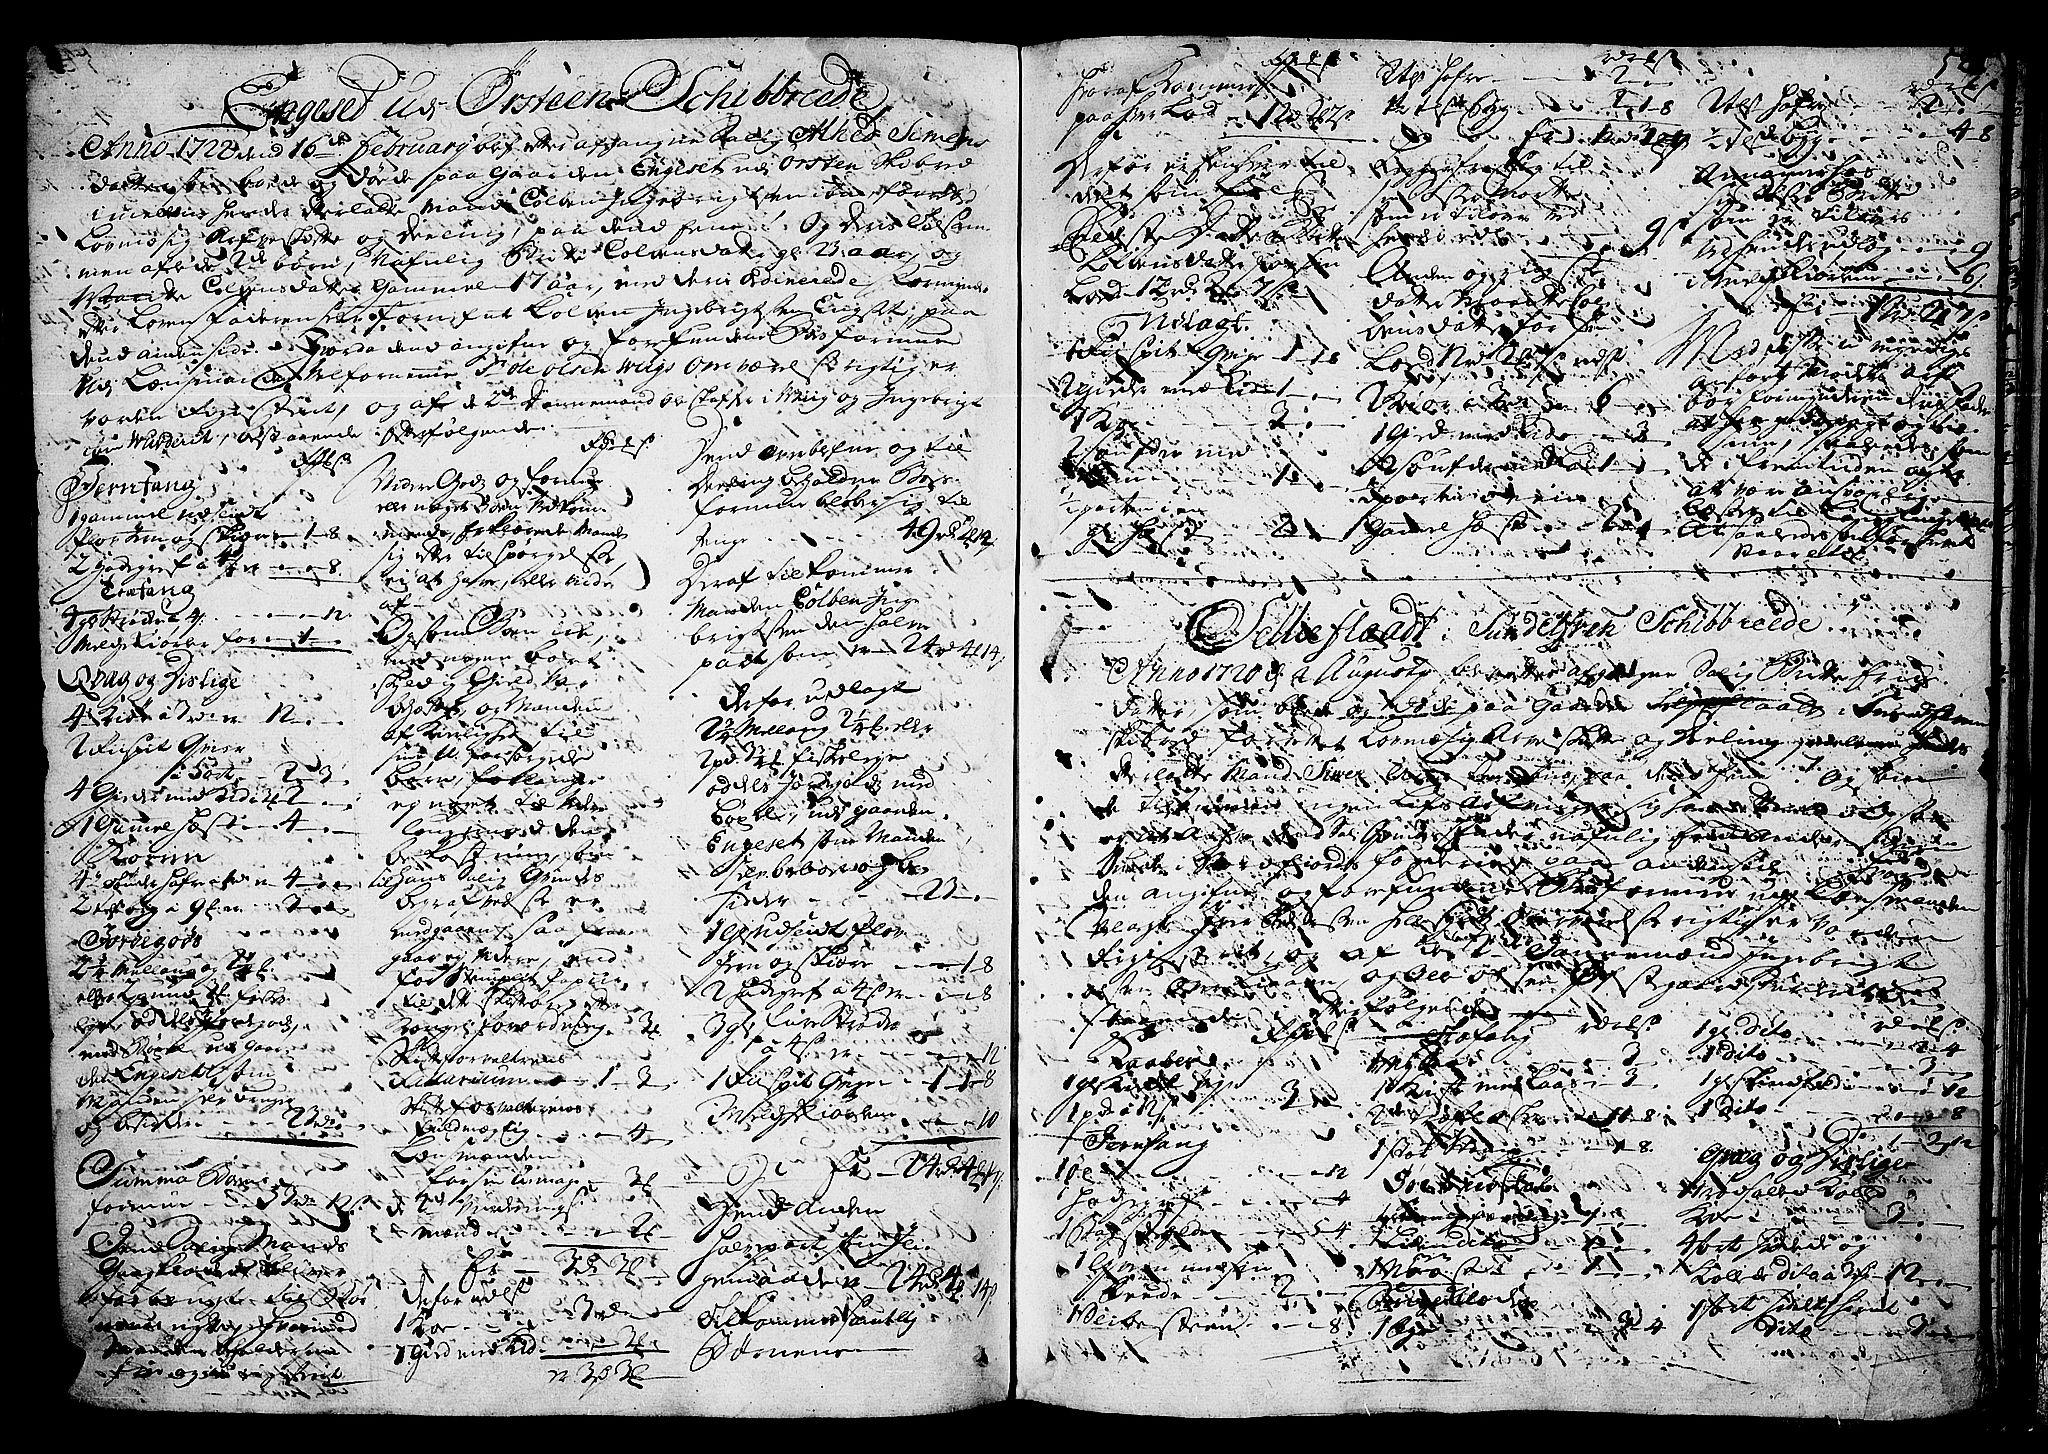 SAT, Sunnmøre sorenskriveri, 3/3A/L0007: Skifteprotokoll 05B, 1723-1725, s. 541b-542a